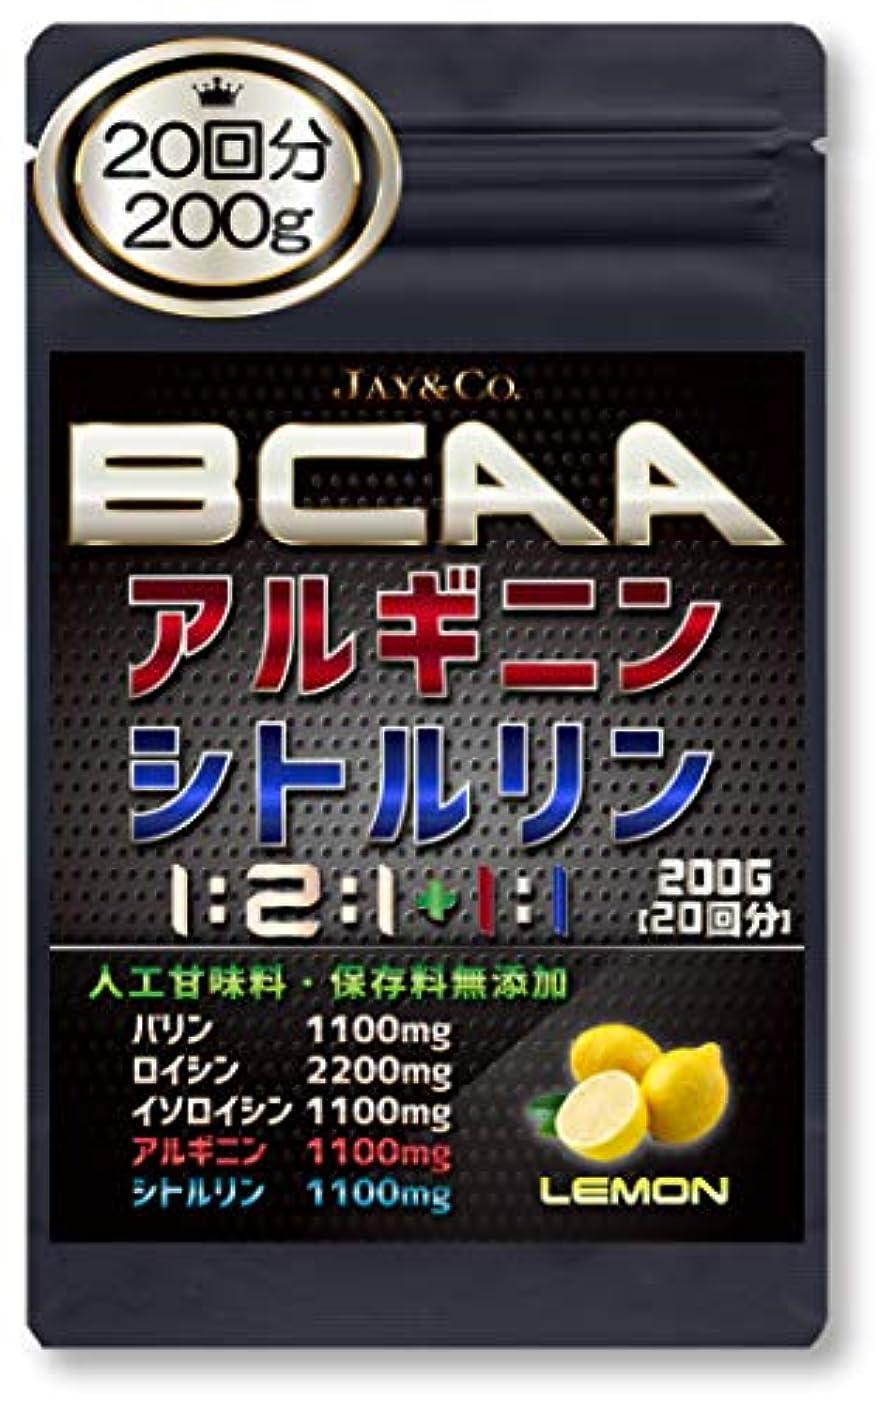 記憶取り囲む感嘆BCAA + アルギニン & シトルリン (無添加:人工甘味料.保存料) 国内製造 (レモン, 200g)